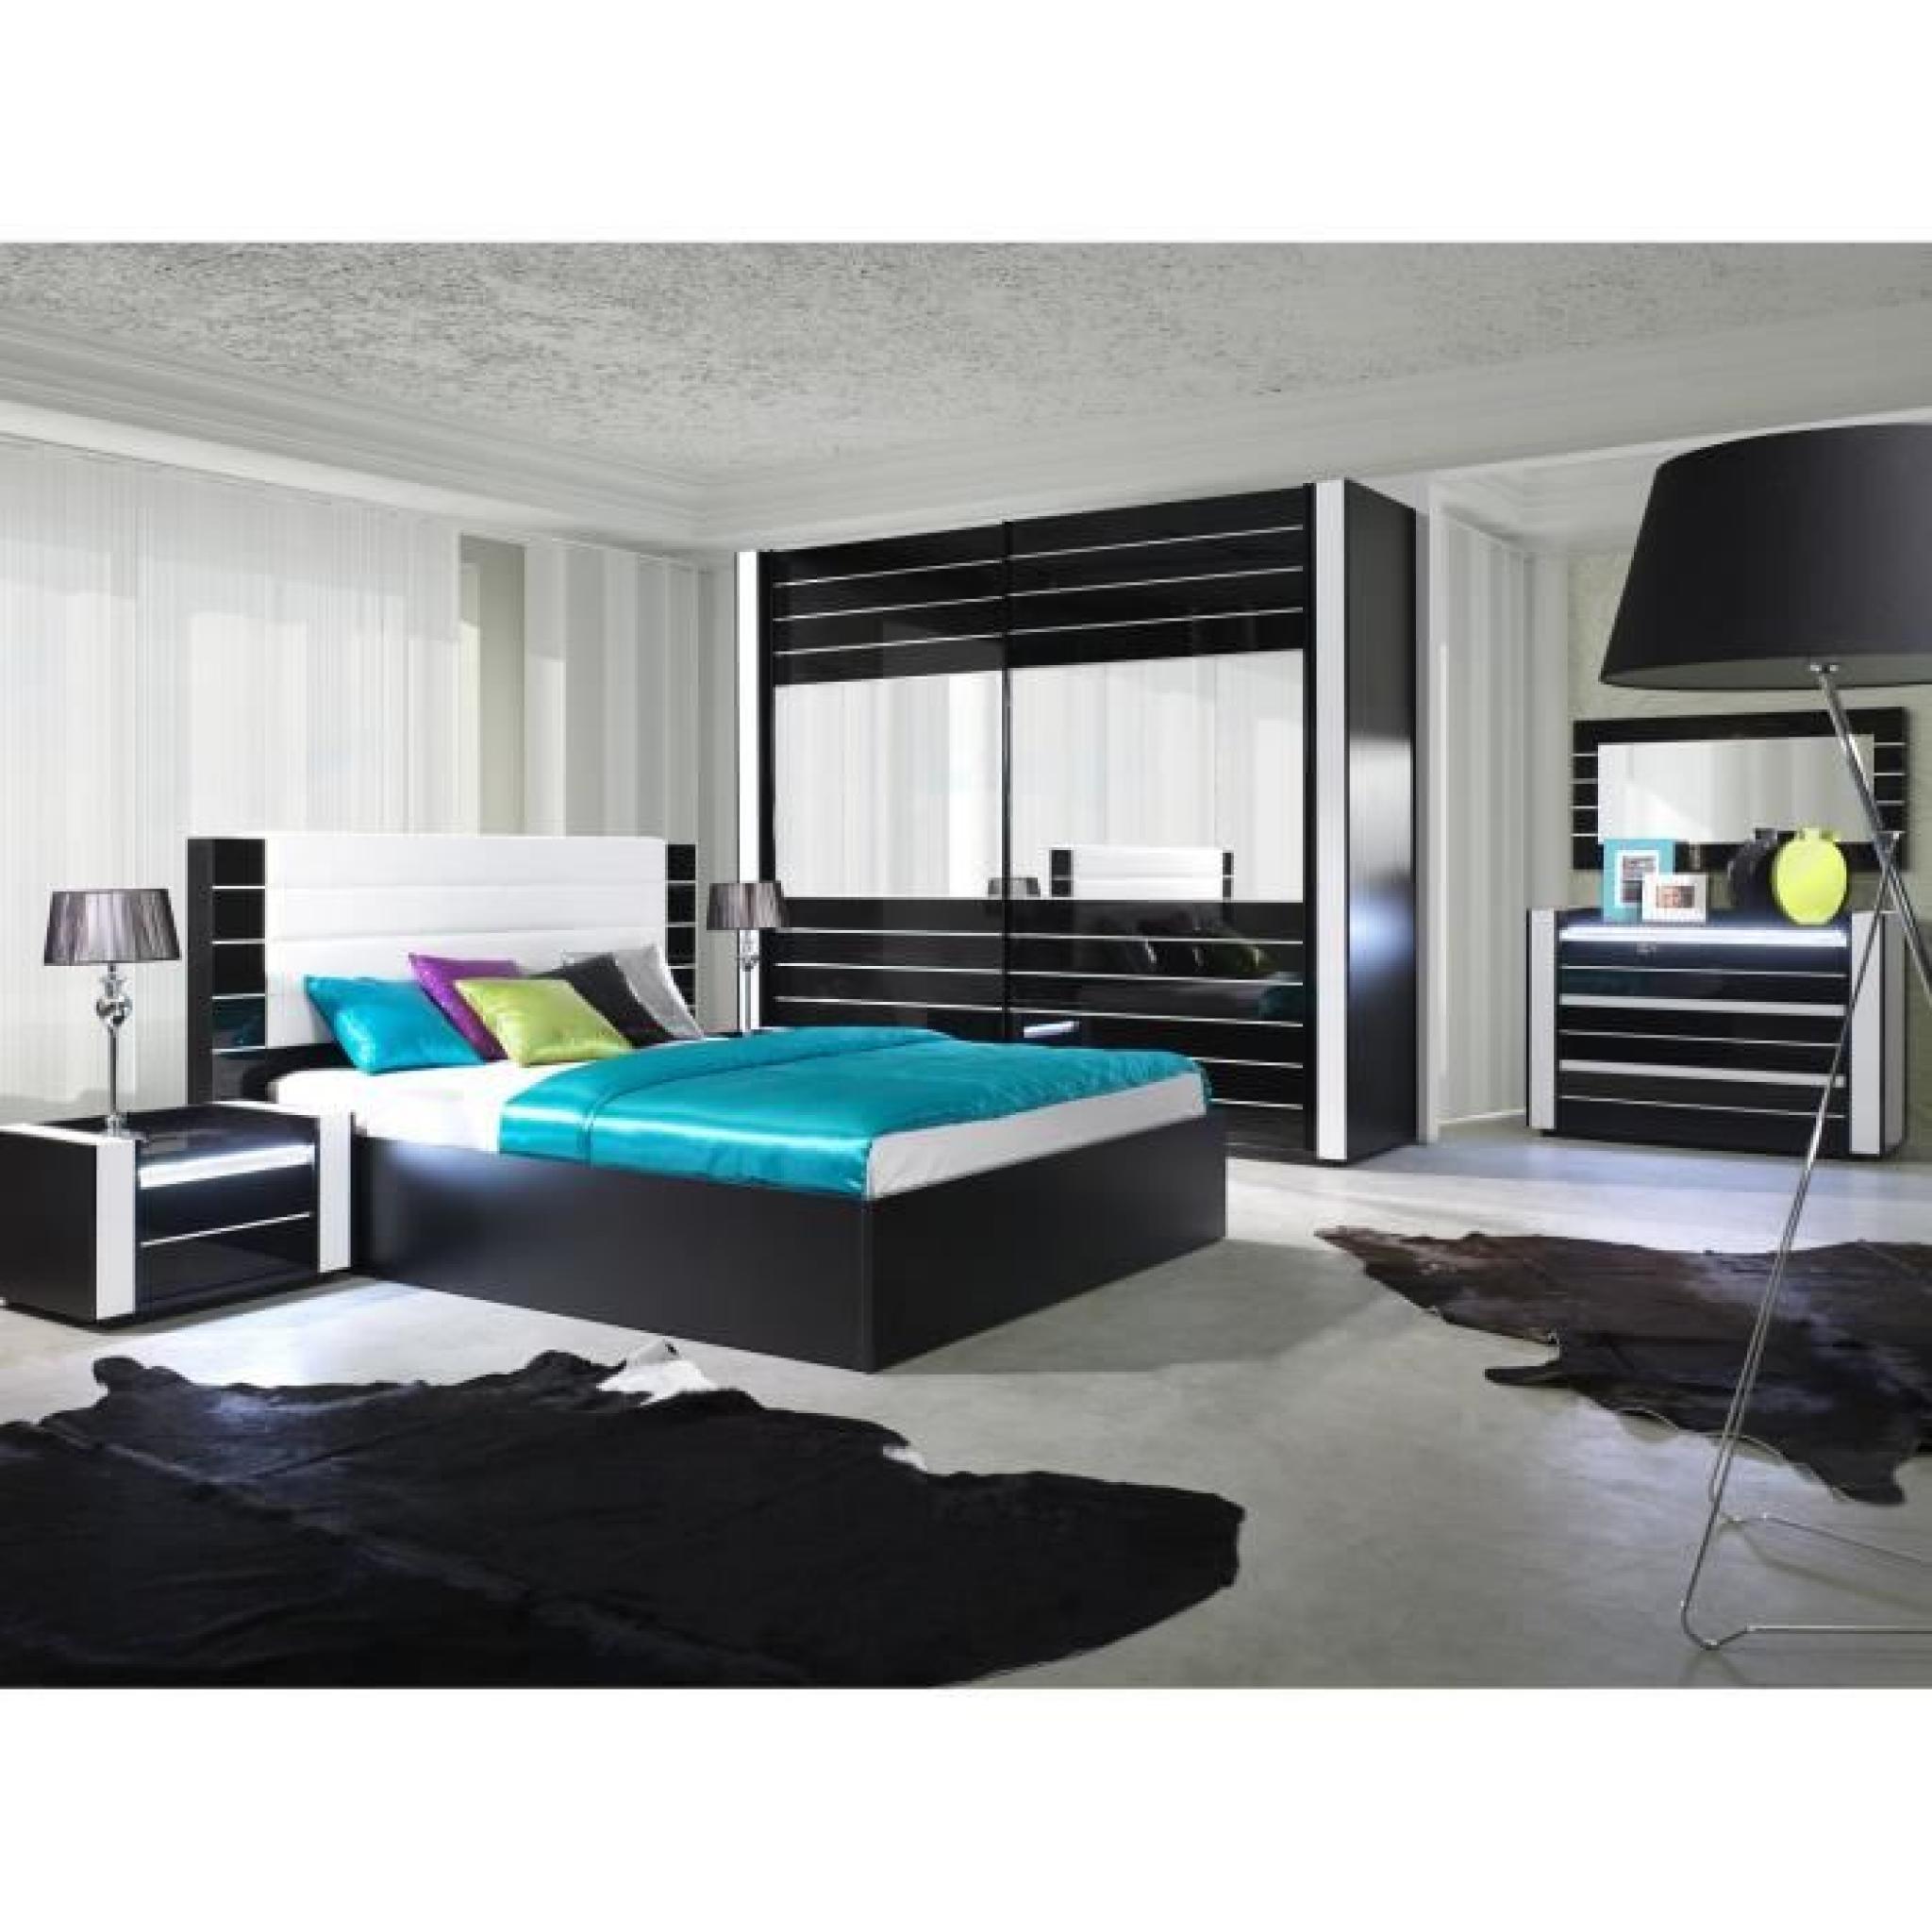 Armoire lina noir et blanche laqu e tout quip e meuble for Chambre a coucher adulte blanche